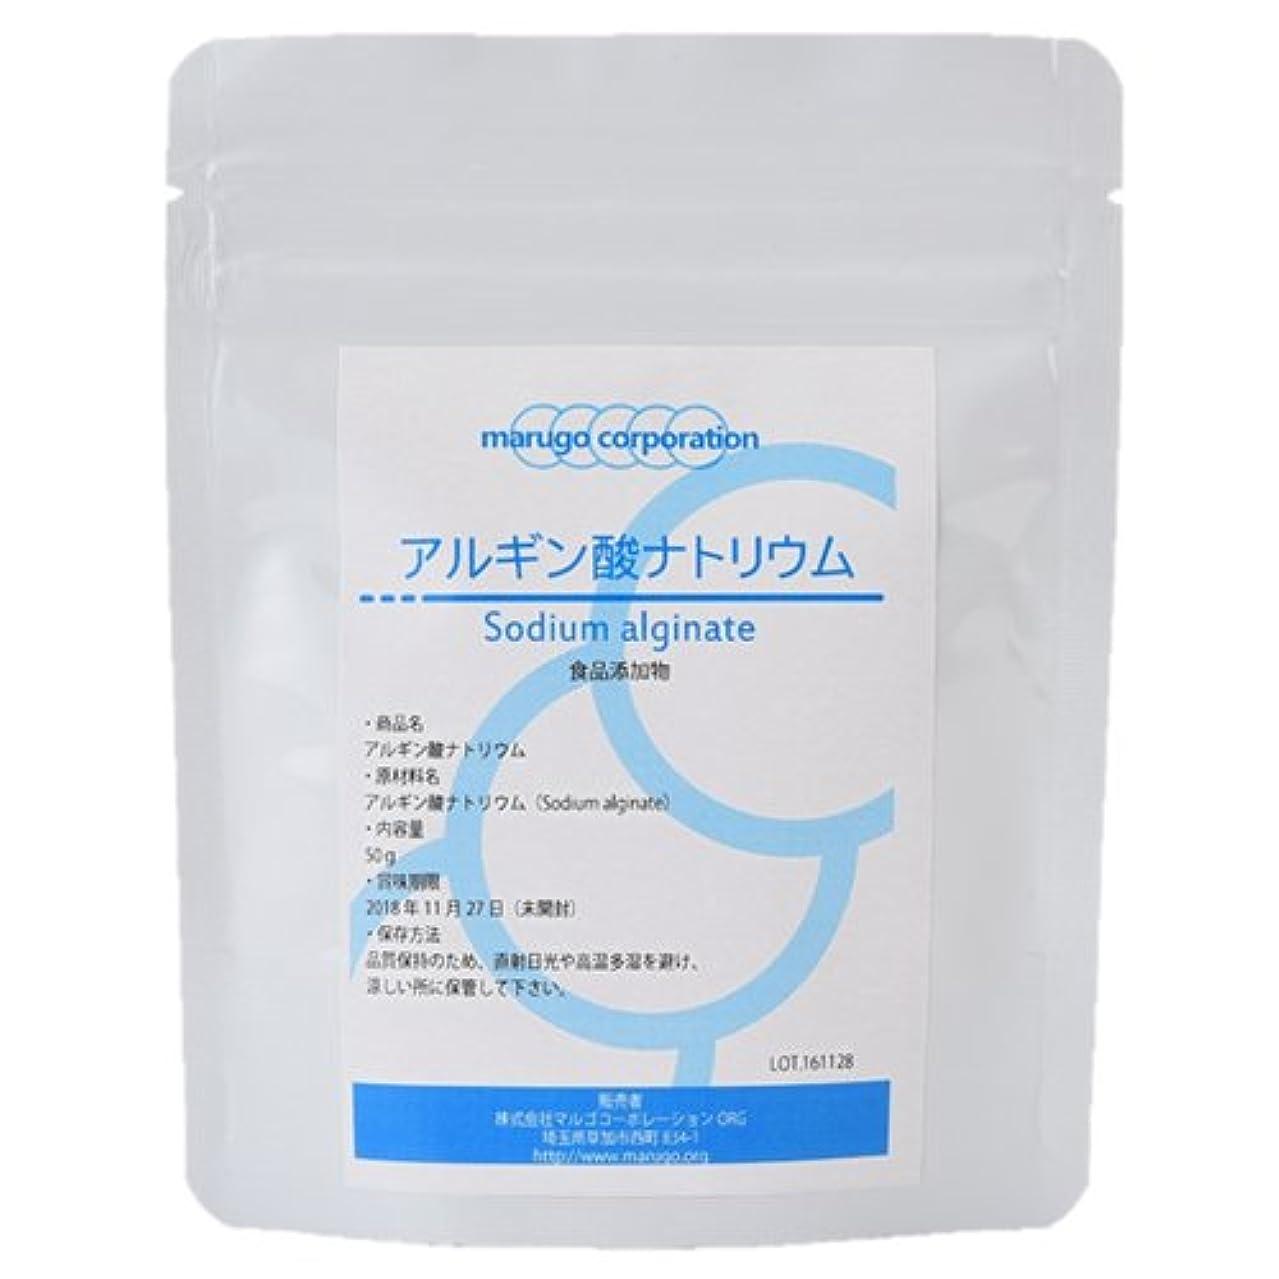 日曜日部屋を掃除するみすぼらしいmarugo(マルゴ) アルギン酸ナトリウム 50g 人口イクラ ぷるぷる水 食品添加物グレード(食用)